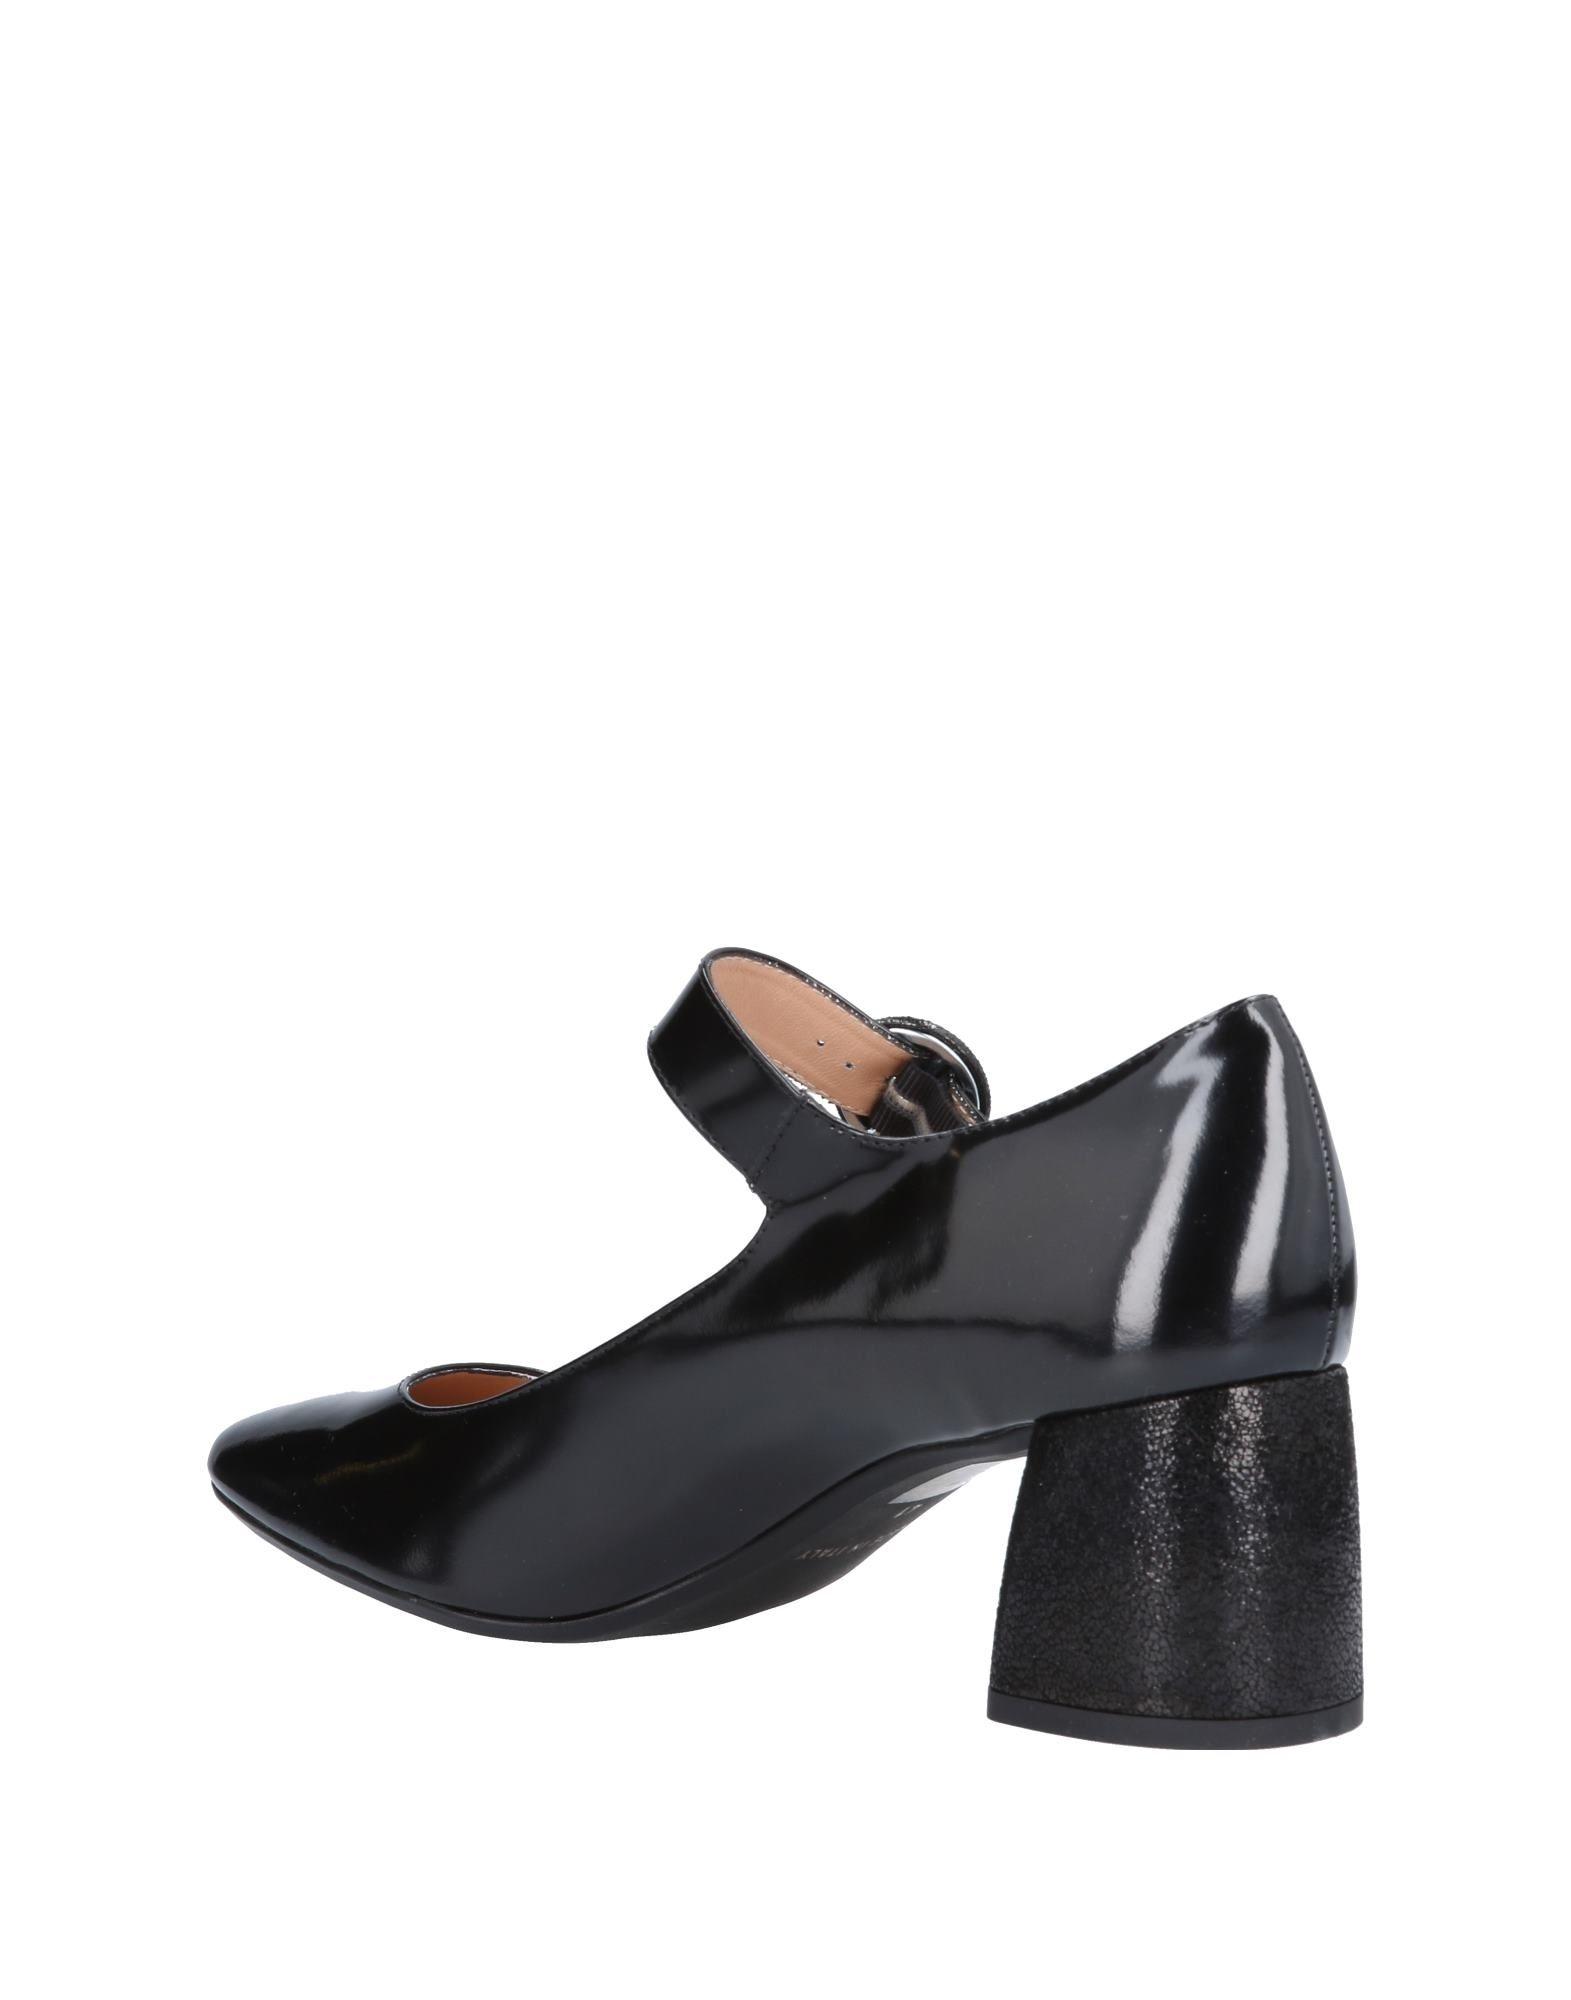 Michael Dass Pumps Damen  11498441LB Gute Qualität beliebte beliebte beliebte Schuhe b7e1d5